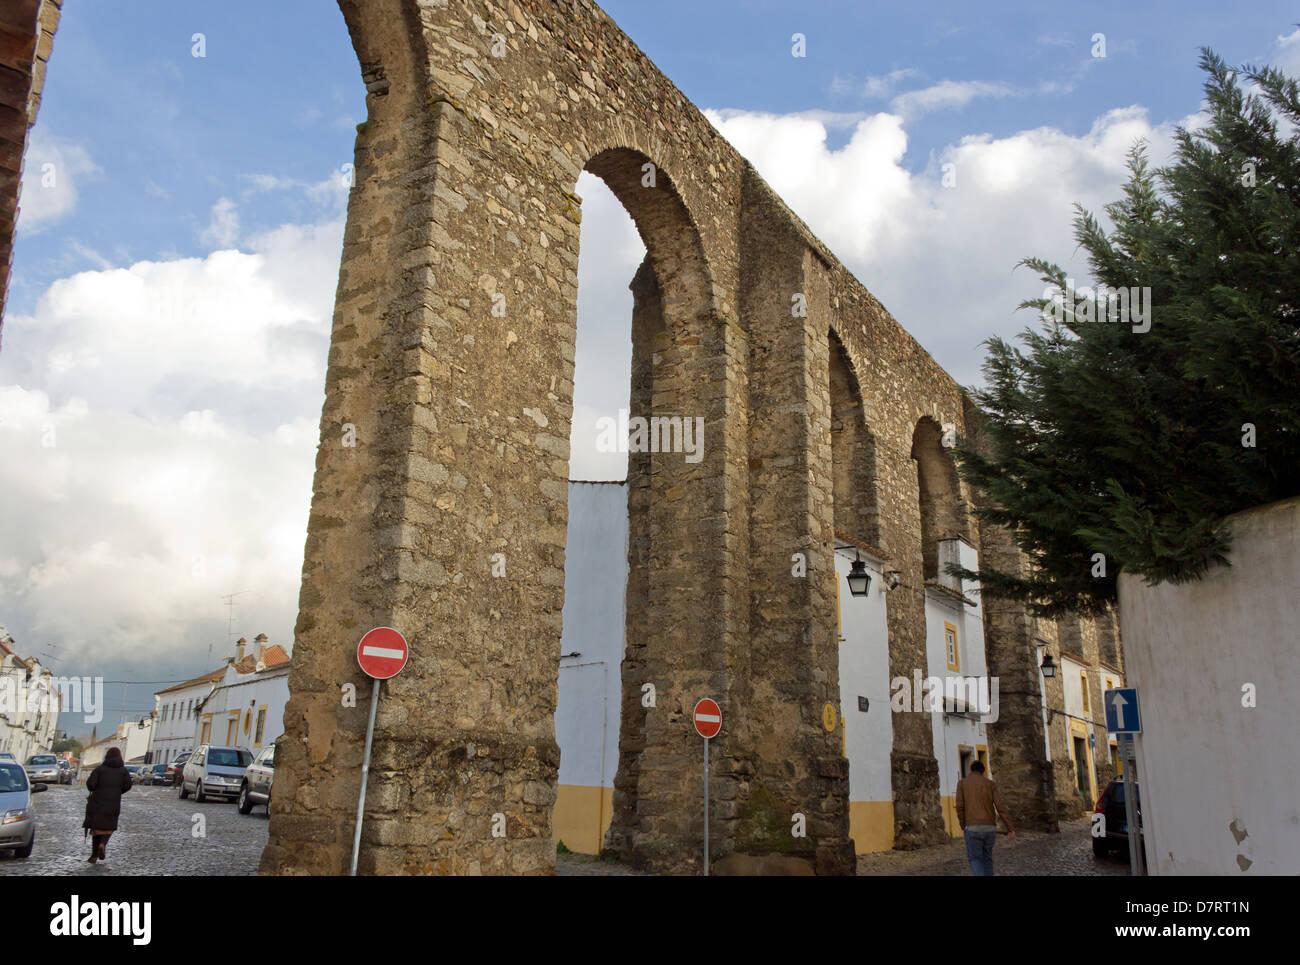 Évora, Portugal. The Água de Prata Aqueduct. - Stock Image